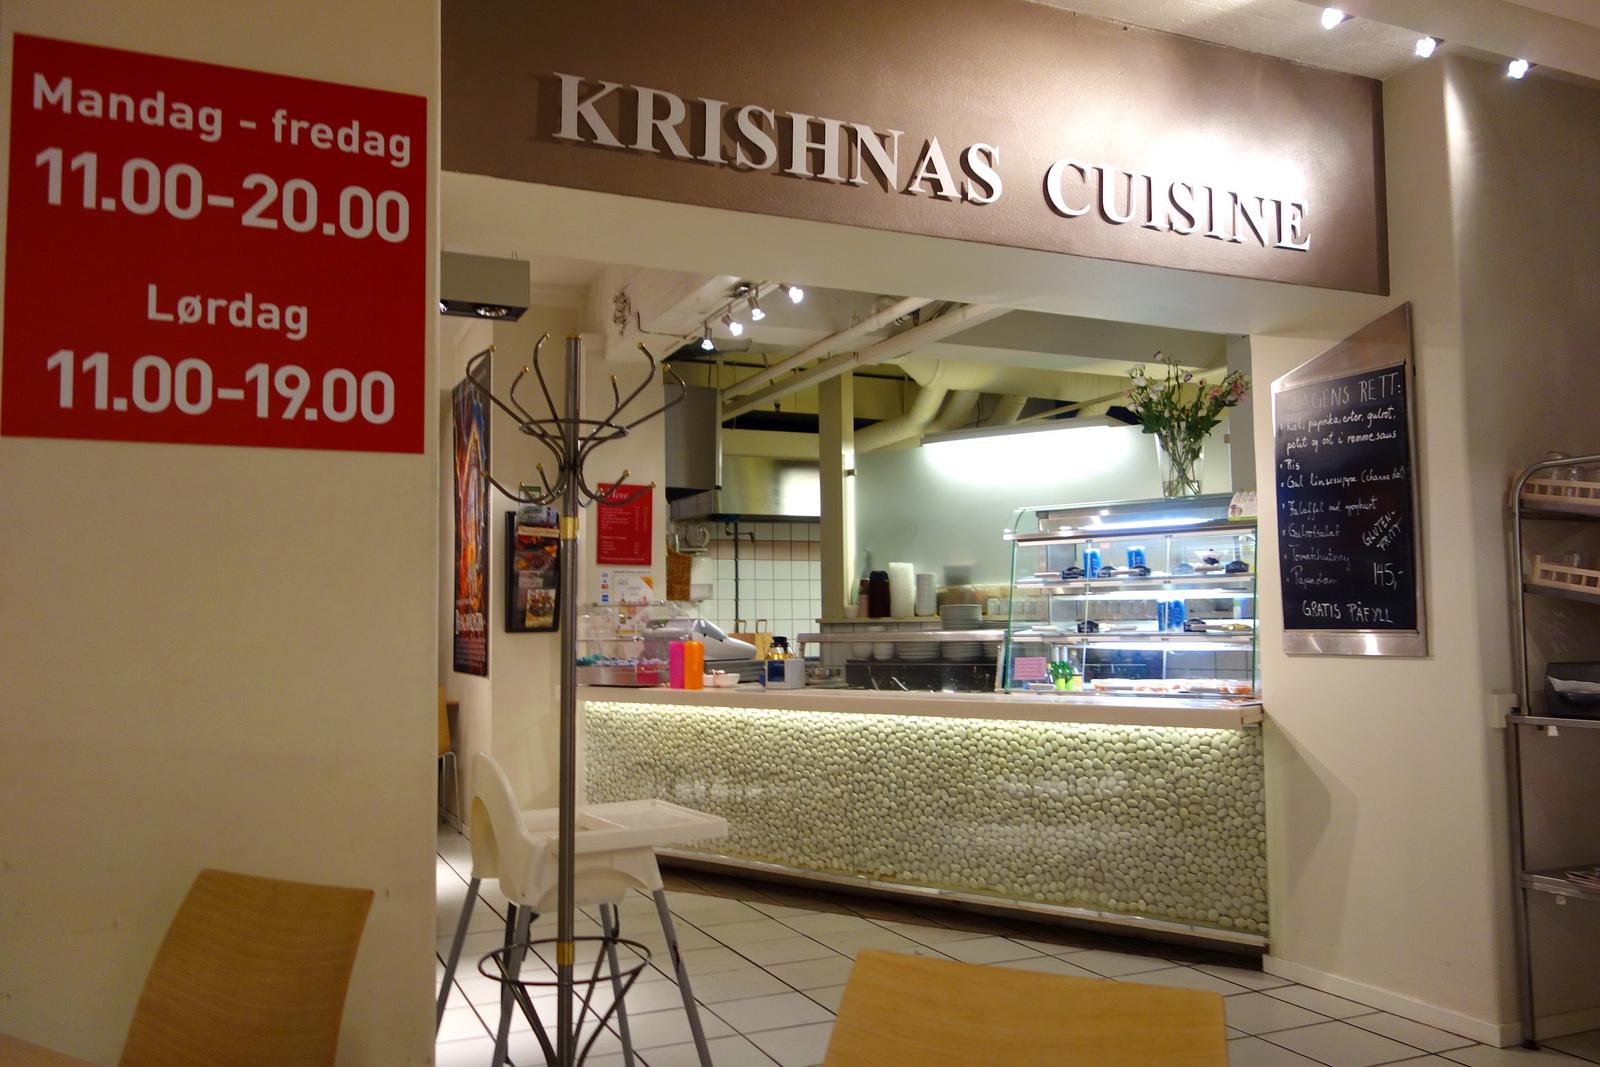 Krishnas Cuisine